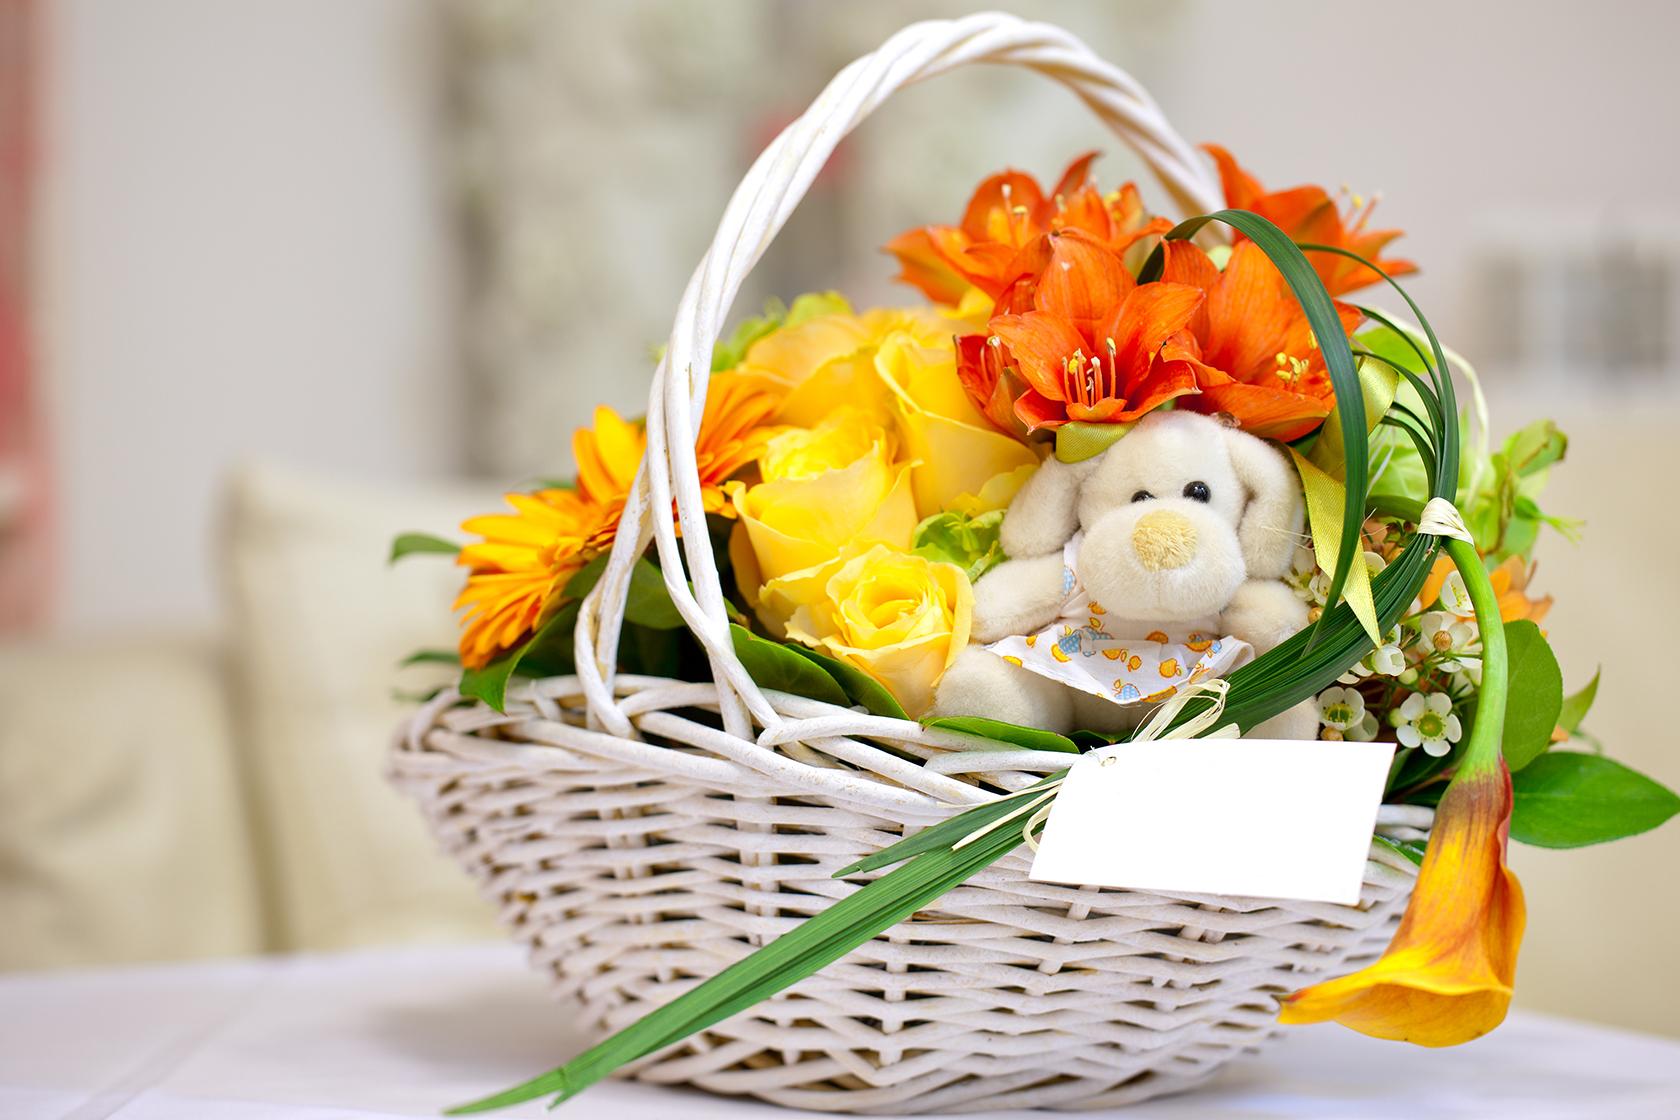 Wooden Handled Flower Basket